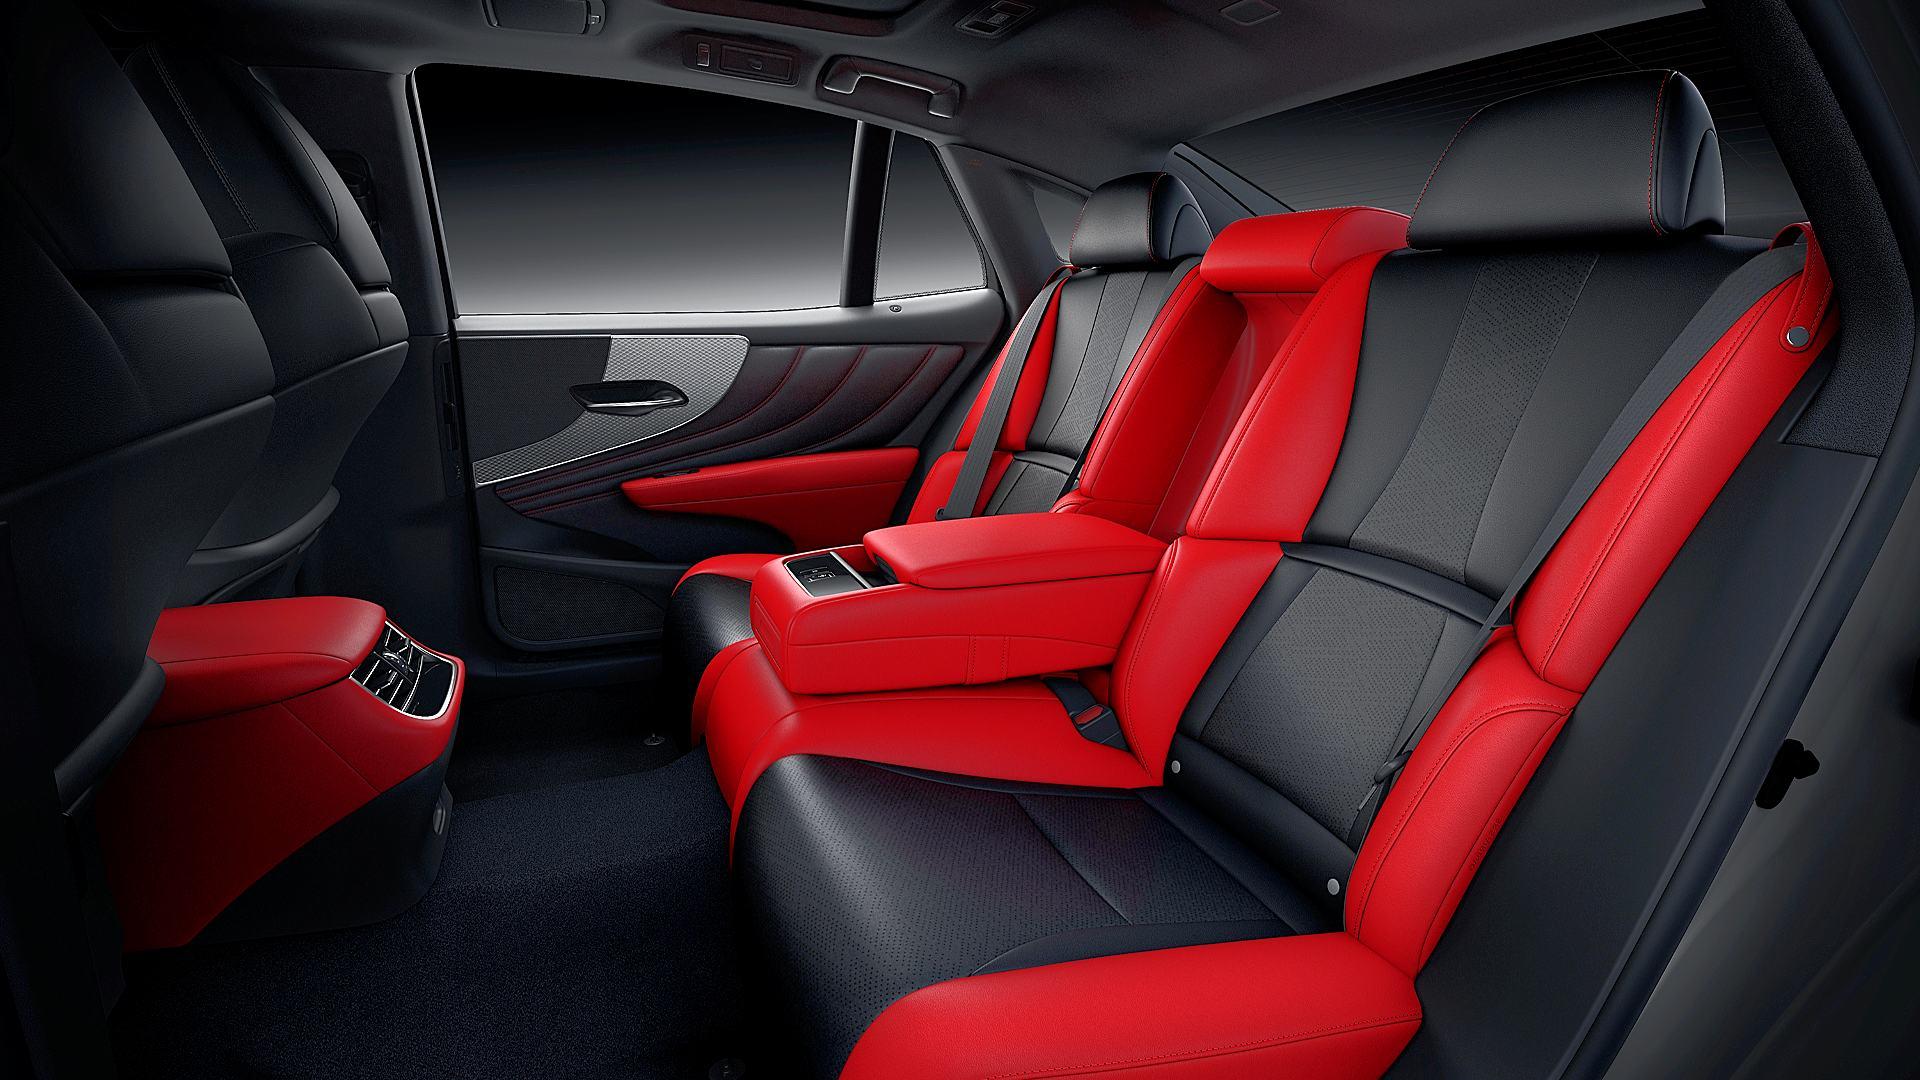 2021 Lexus LS 500 Hybrid Interior Colors